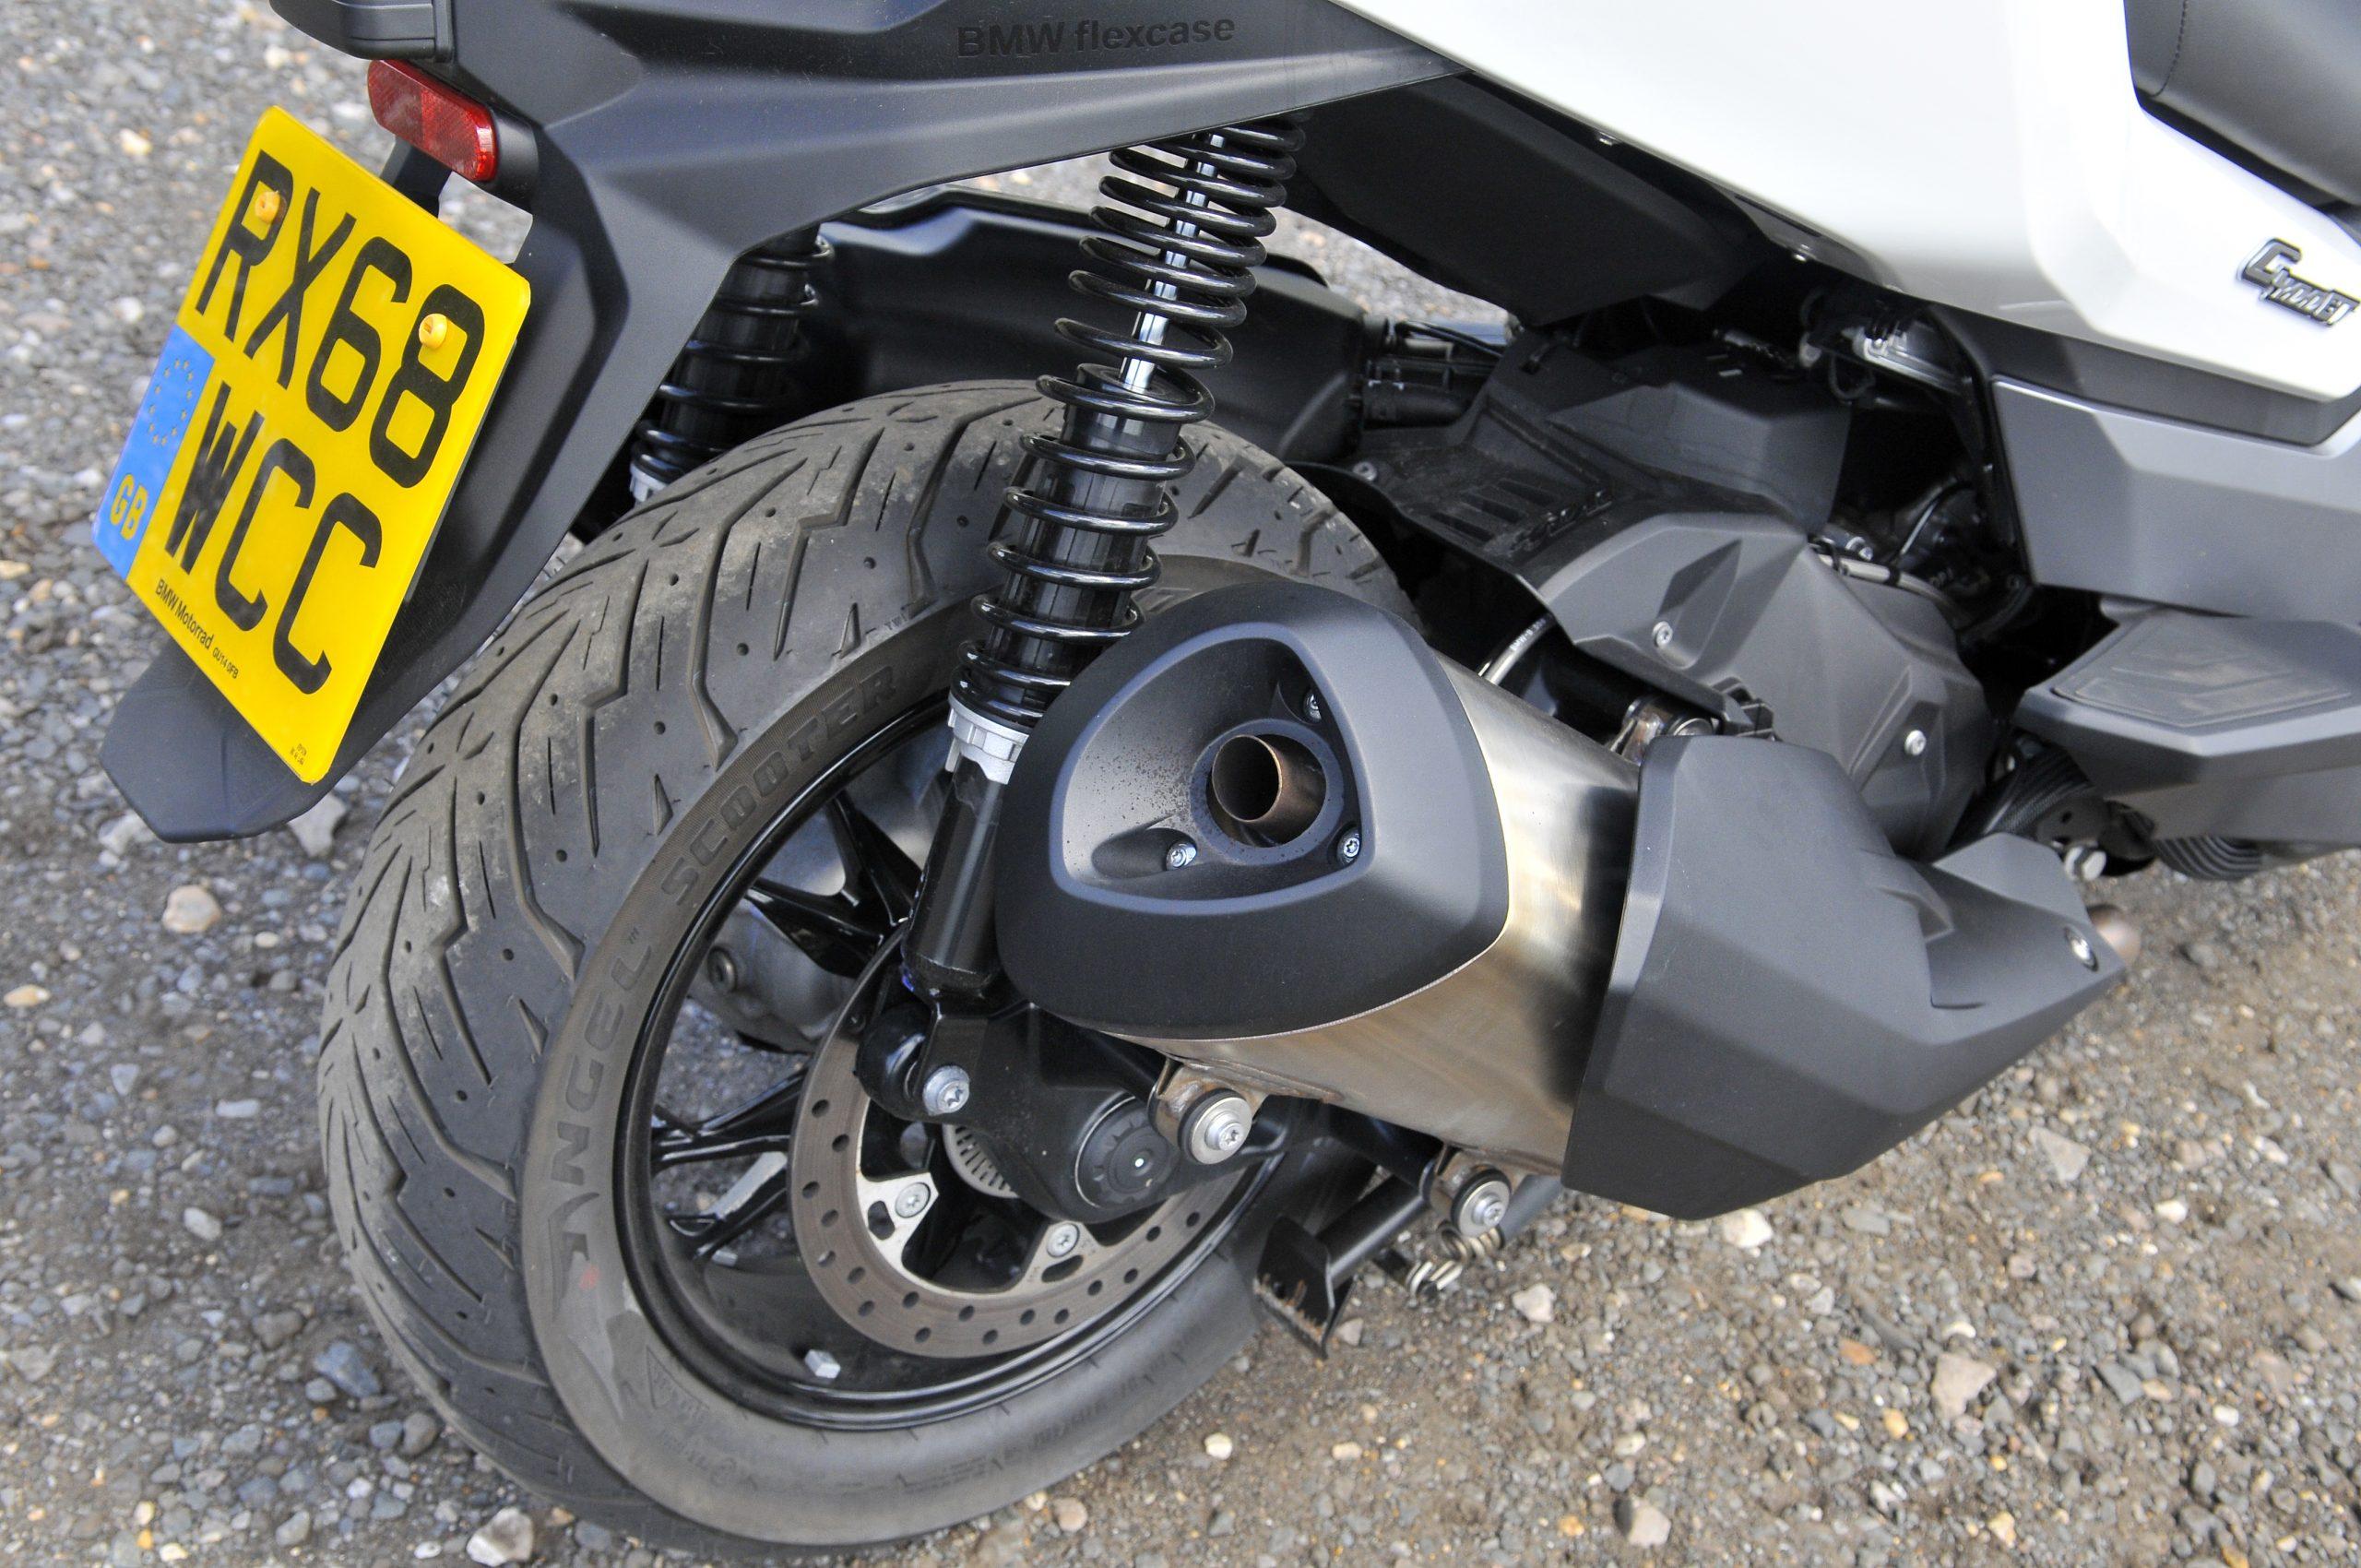 Exhaust BMW C400 GT